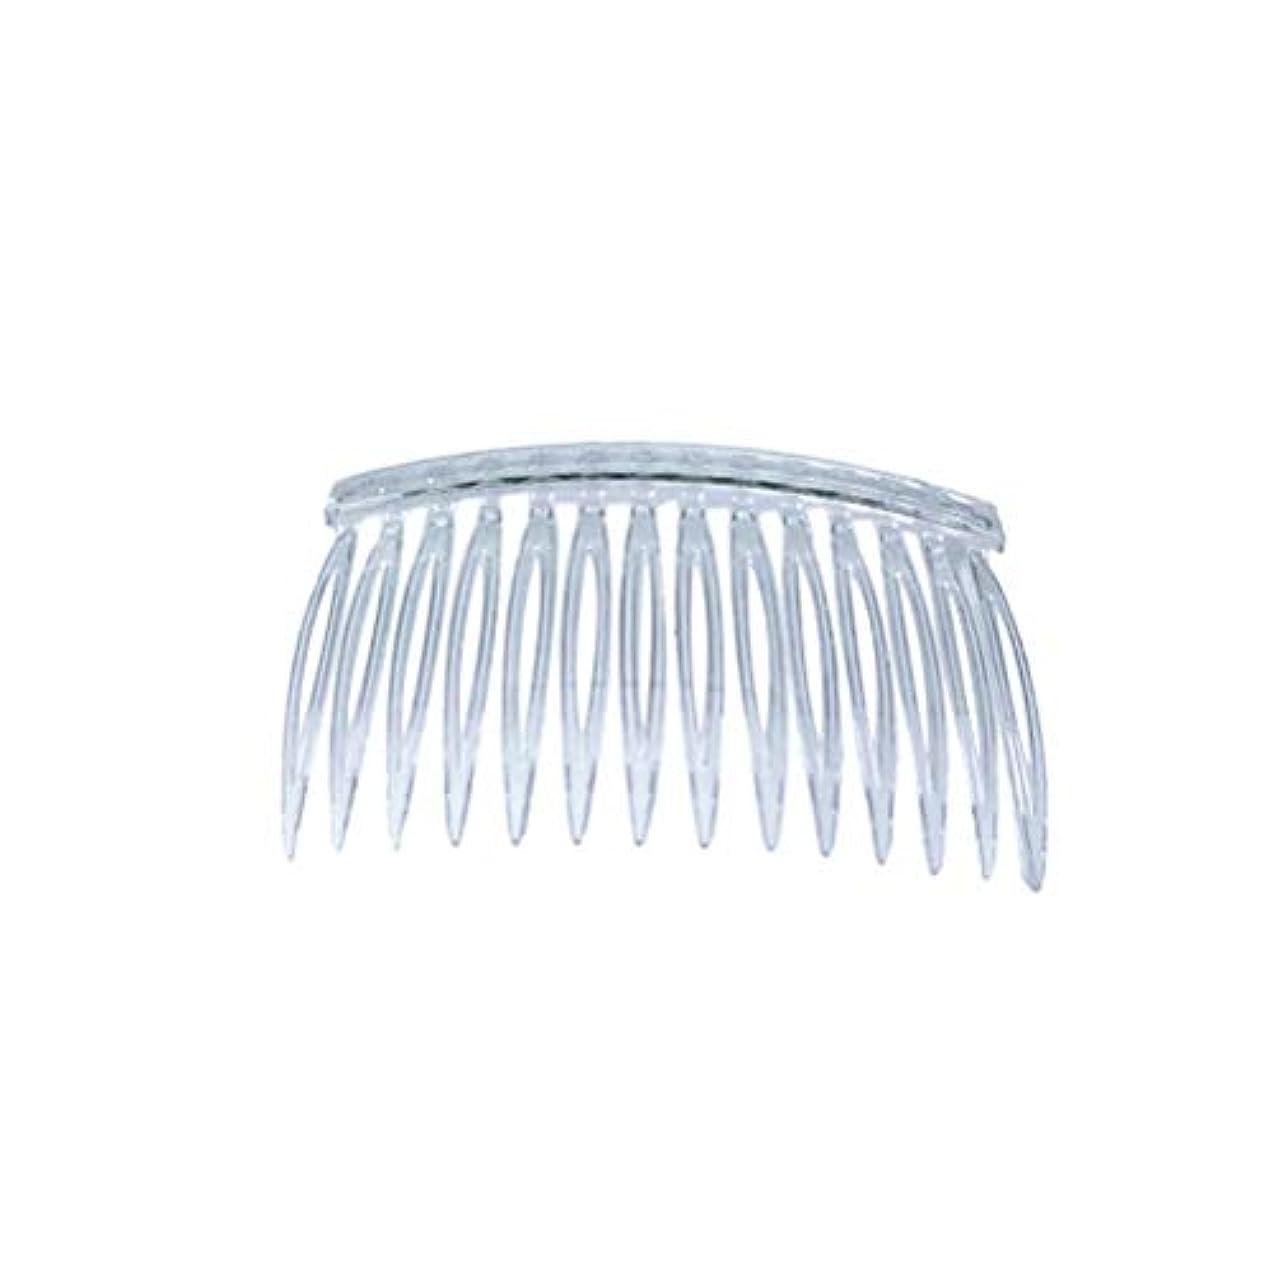 ピアースあさり高揚したFrcolor ヘアコーム ヘアアレンジ コーム かんざし ヘッドドレス 髪の櫛 髪飾り ヘアアクセサリー まとめ髪 プラスチック 透明 10本セット